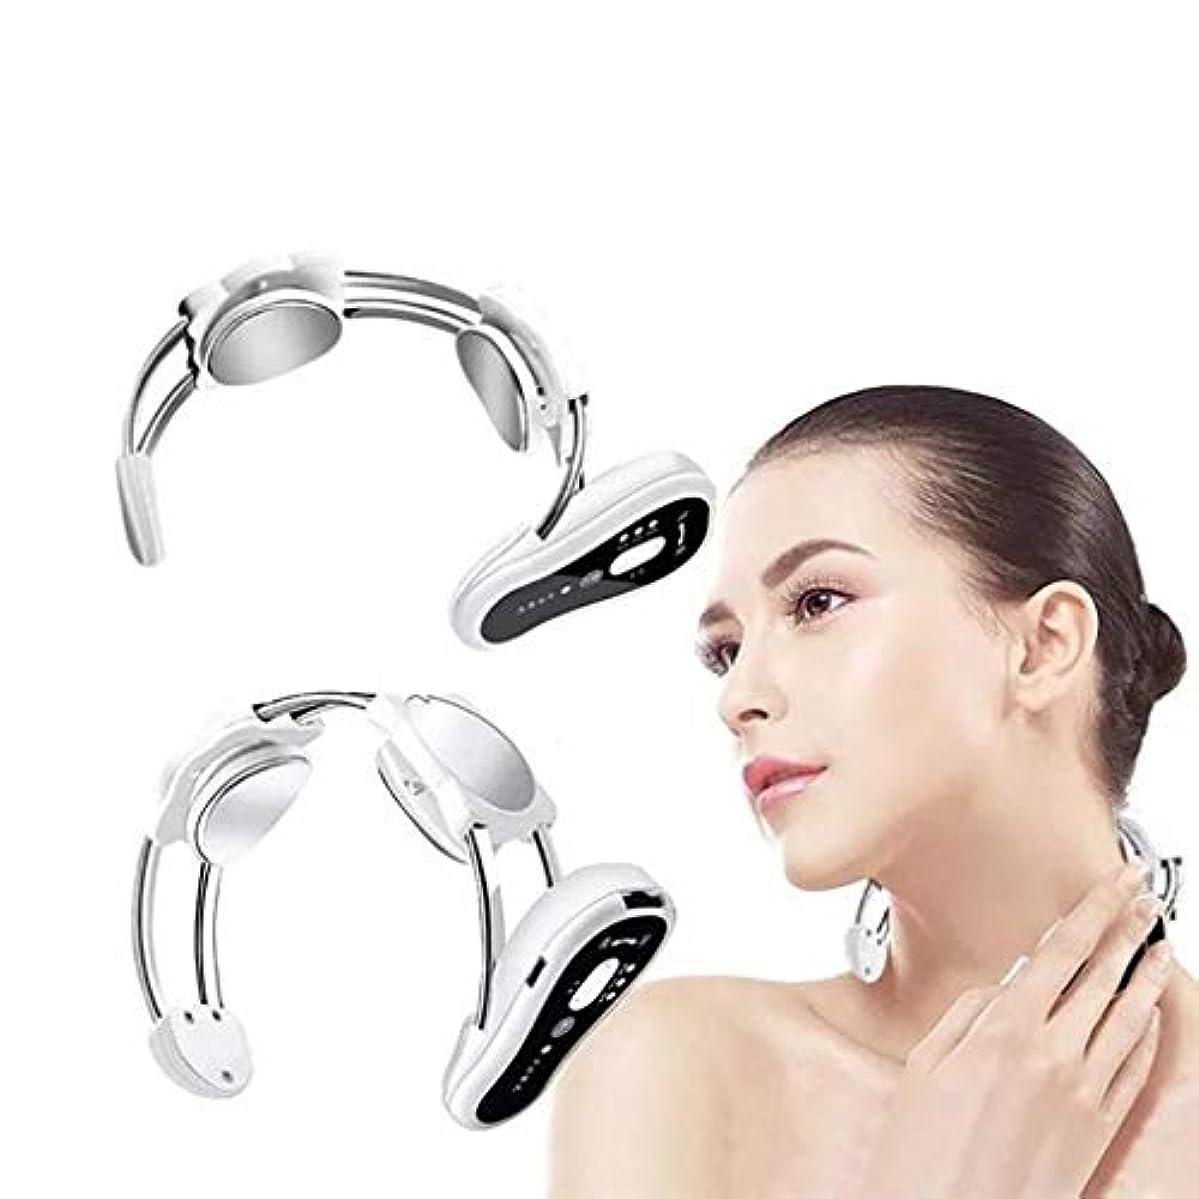 ペスト探す抵抗力がある首のマッサージャー、電気首の処置の器械、頚部の刺鍼術の処置、磁気マッサージャー